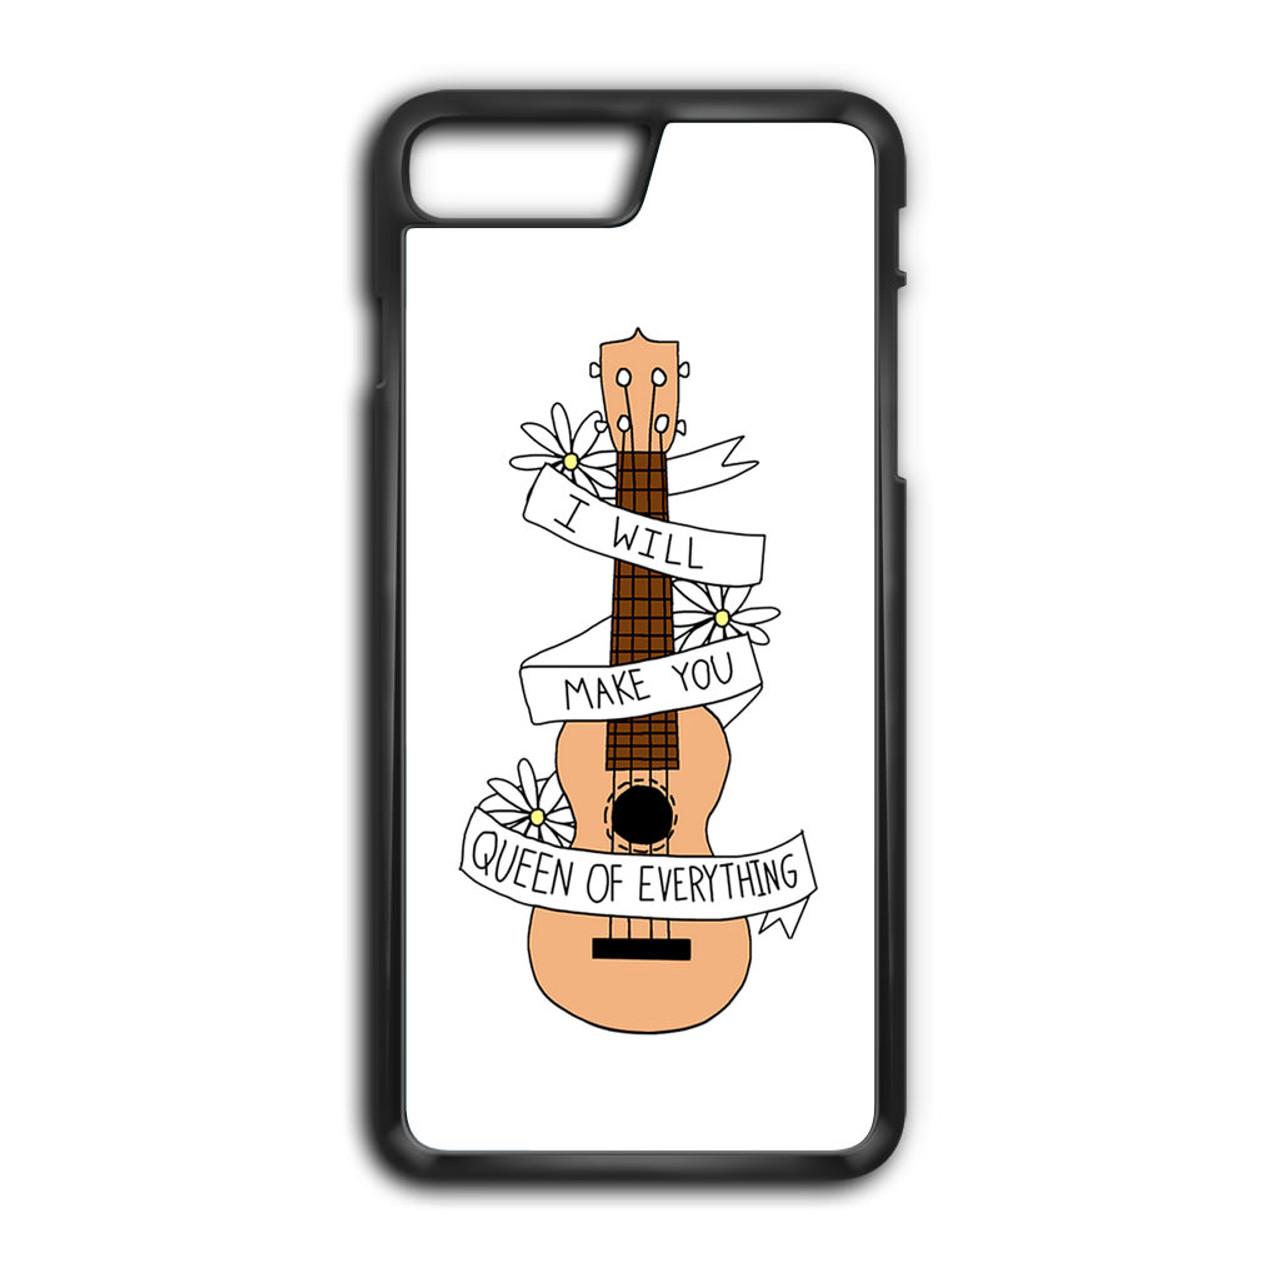 reputable site fba92 2e511 Twenty One Pilots Ukulele Song Lyrics iPhone 8 Plus Case